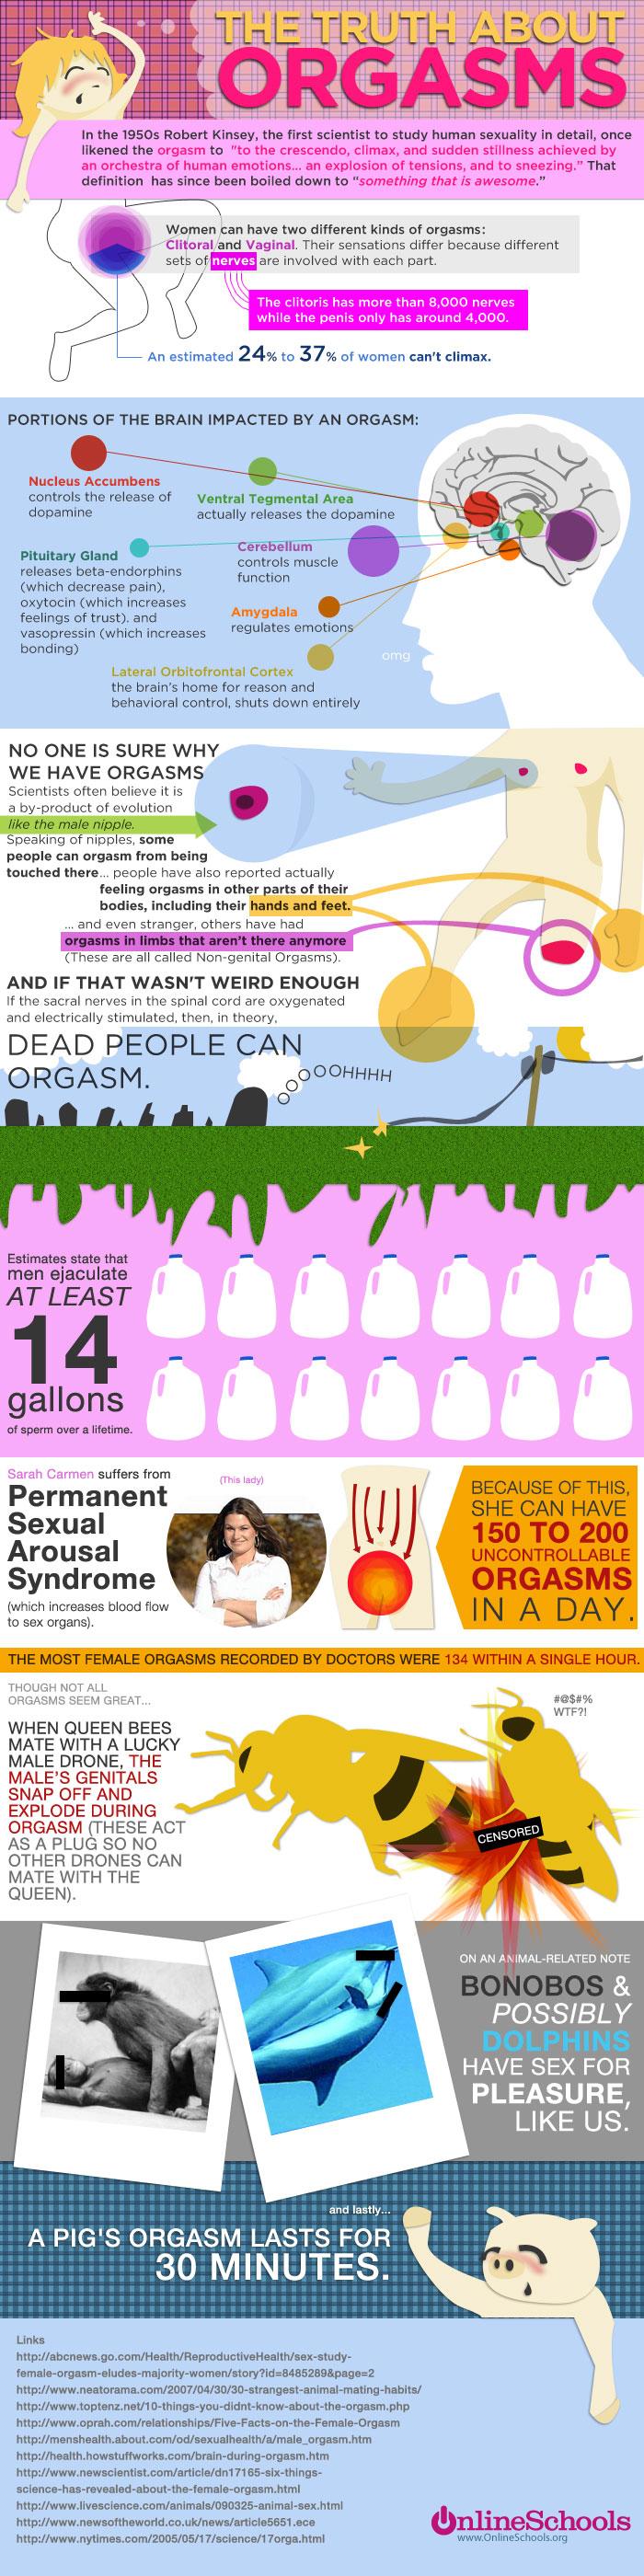 orgasms.jpg (925 KB)